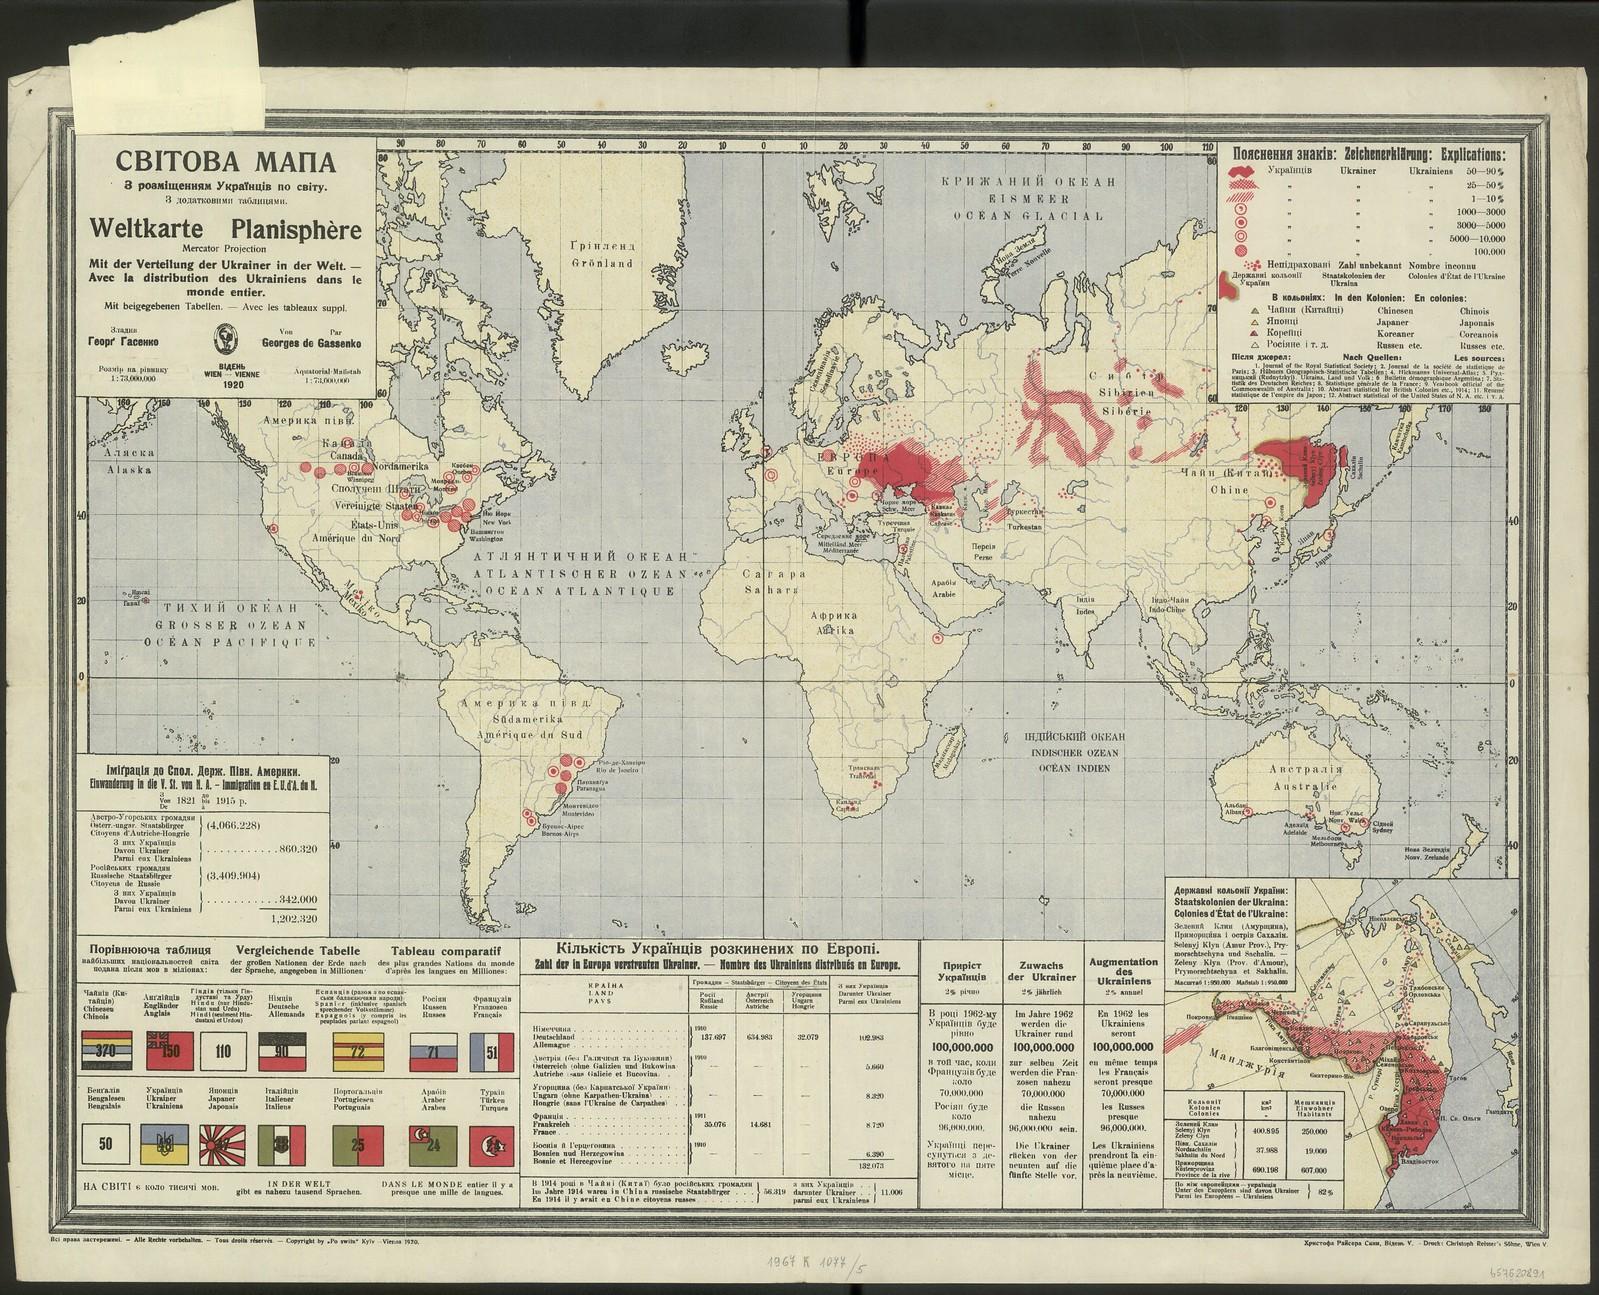 1920. Карта мира с размещением украинцев по всему миру. Издание Кристоф Расерс, Виден, Киев